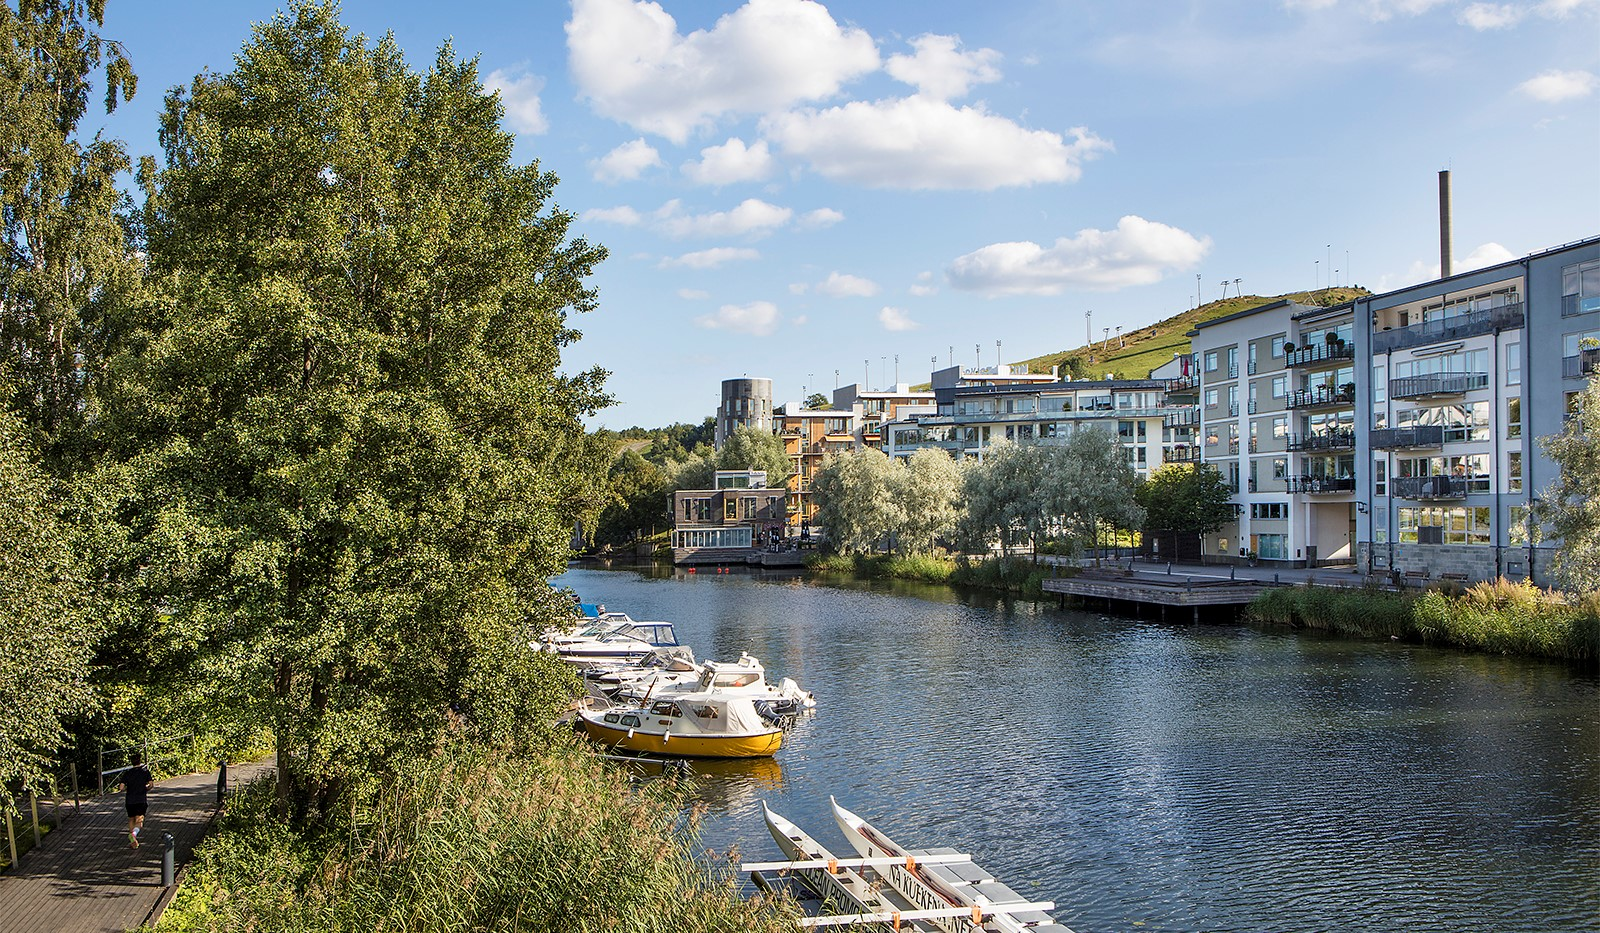 Sickla kanalgata 67, 3 tr - Sickla Kanal & Hammarbybacken